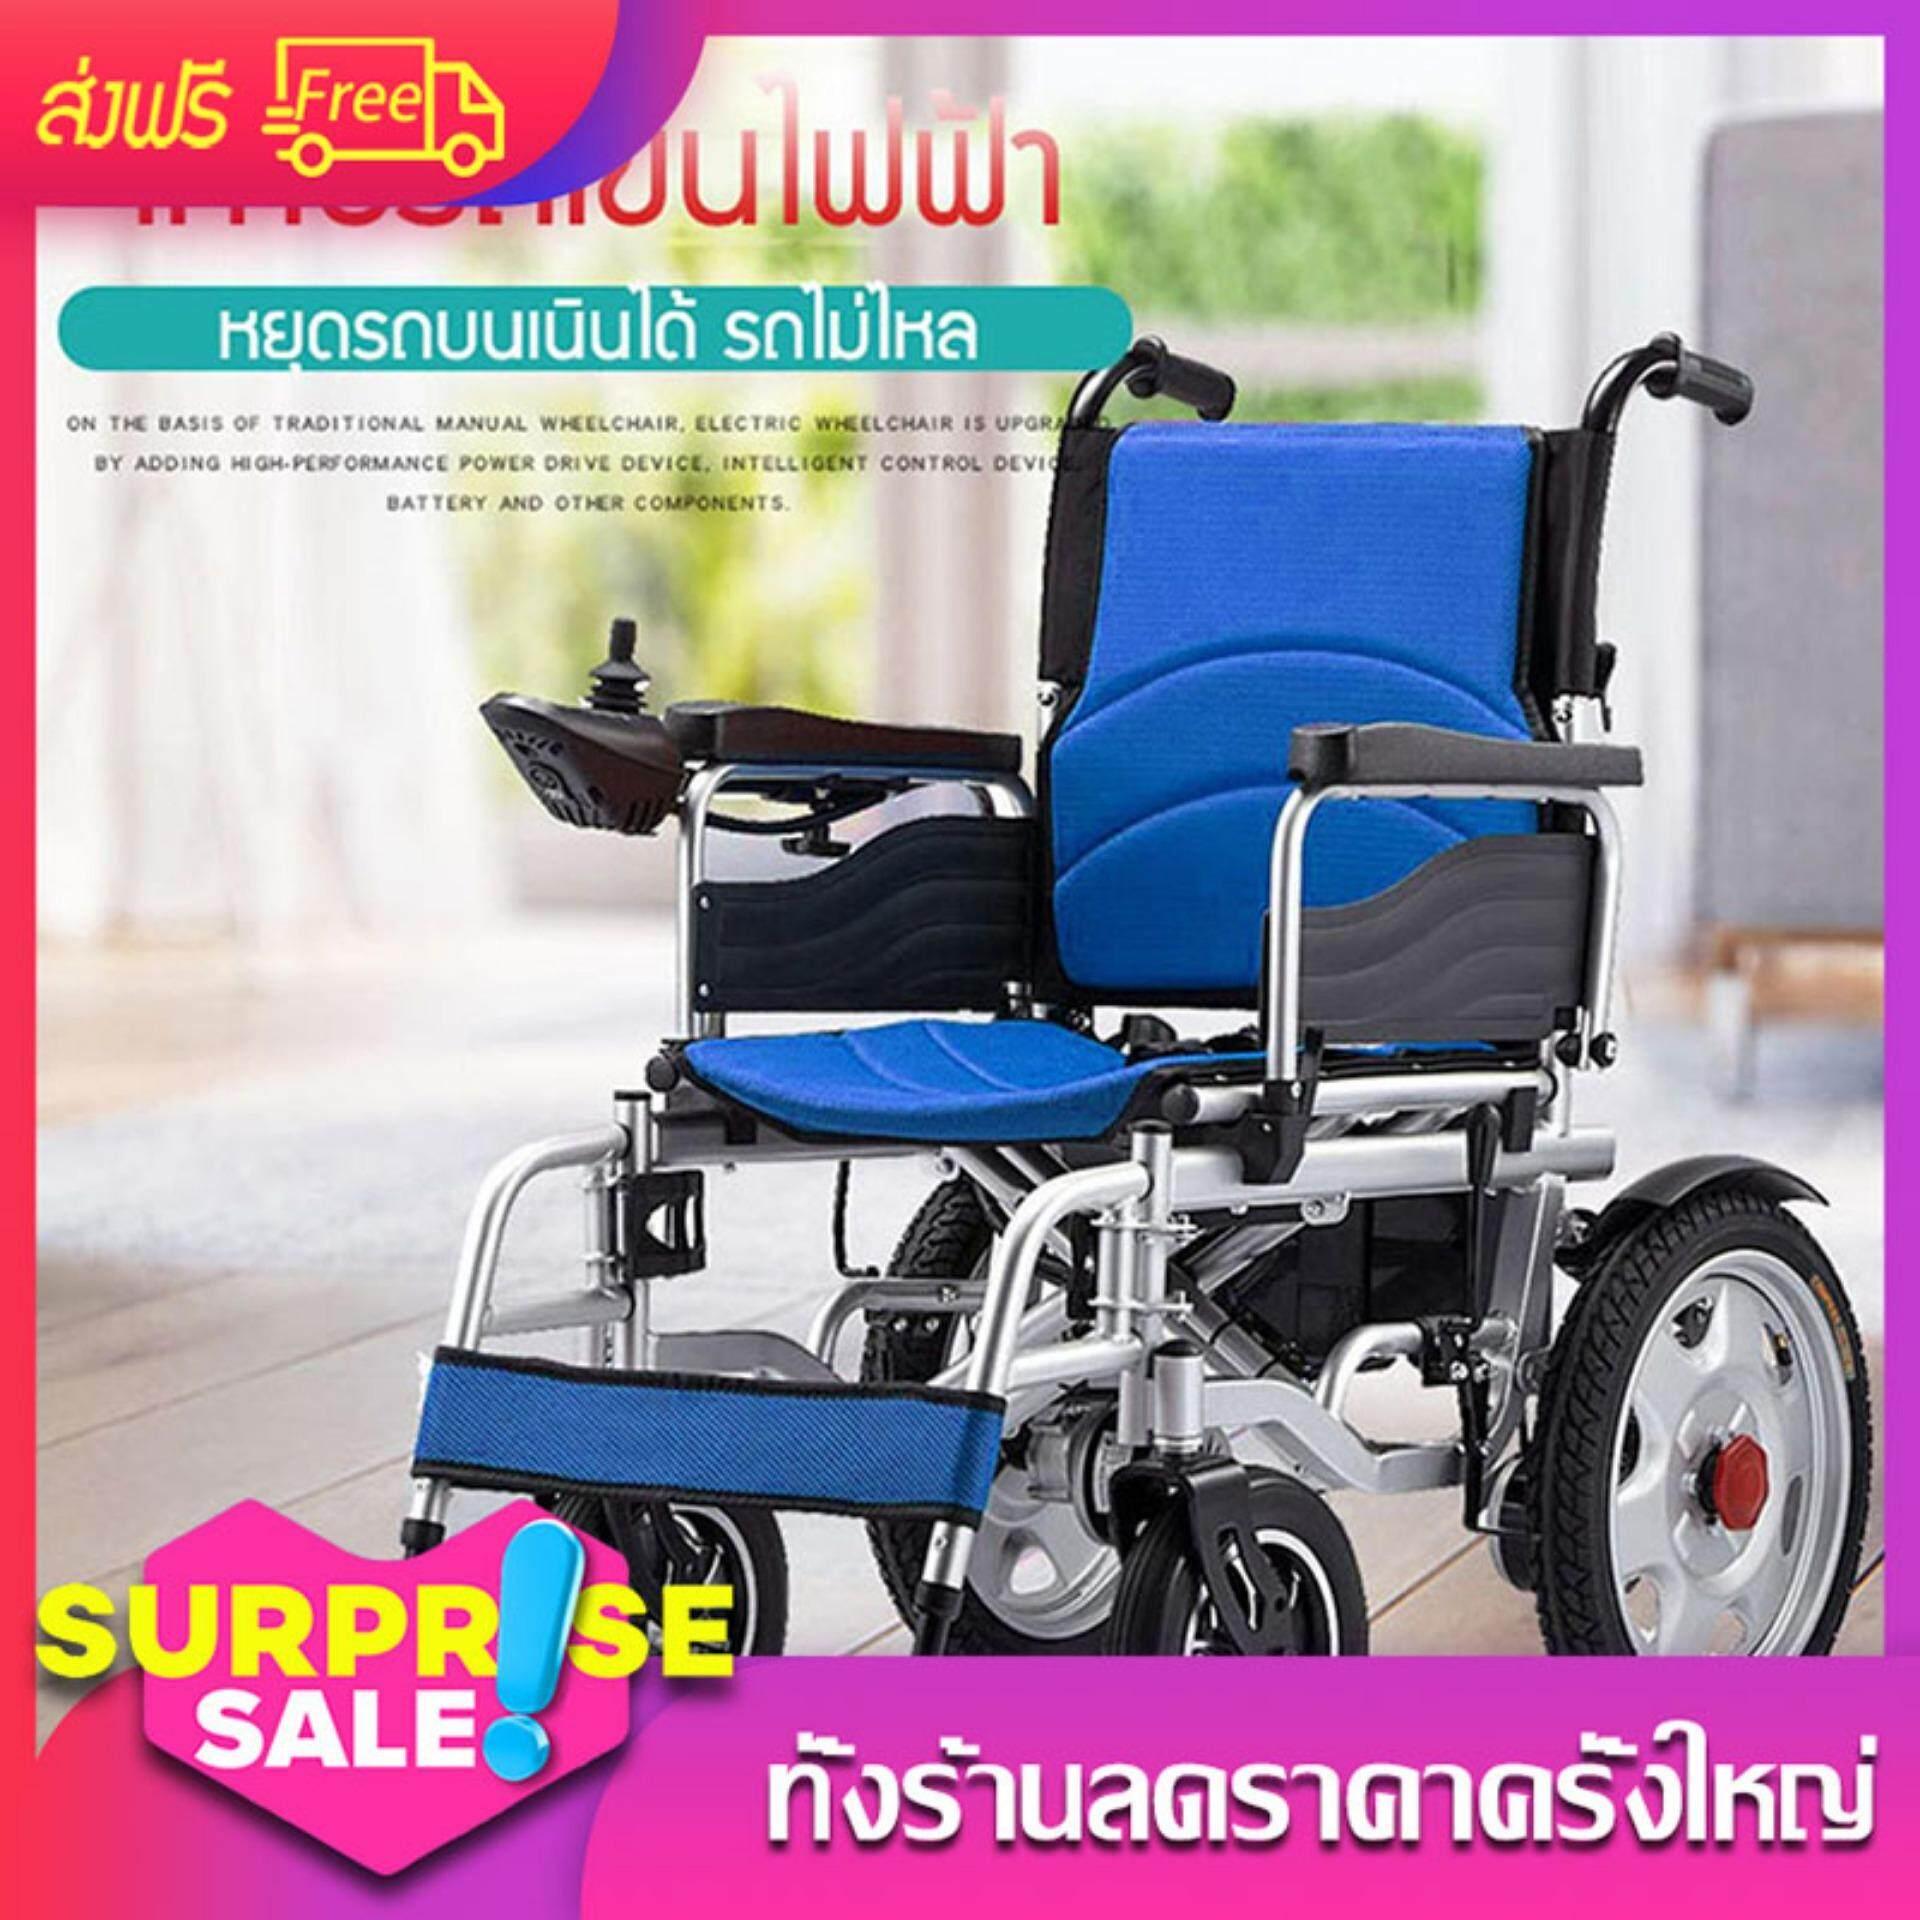 ขายดีมาก! เก้าอี้รถเข็นไฟฟ้า รุ่นอัพเกรด Wheelchair รถเข็นผู้ป่วย รถเข็นผู้สูงอายุ มือคอนโทรลได้ มีเบรคมือ ล้อหนา แข็งเเรง ปลอดภัย รับนน.ได้มาก Carrefour